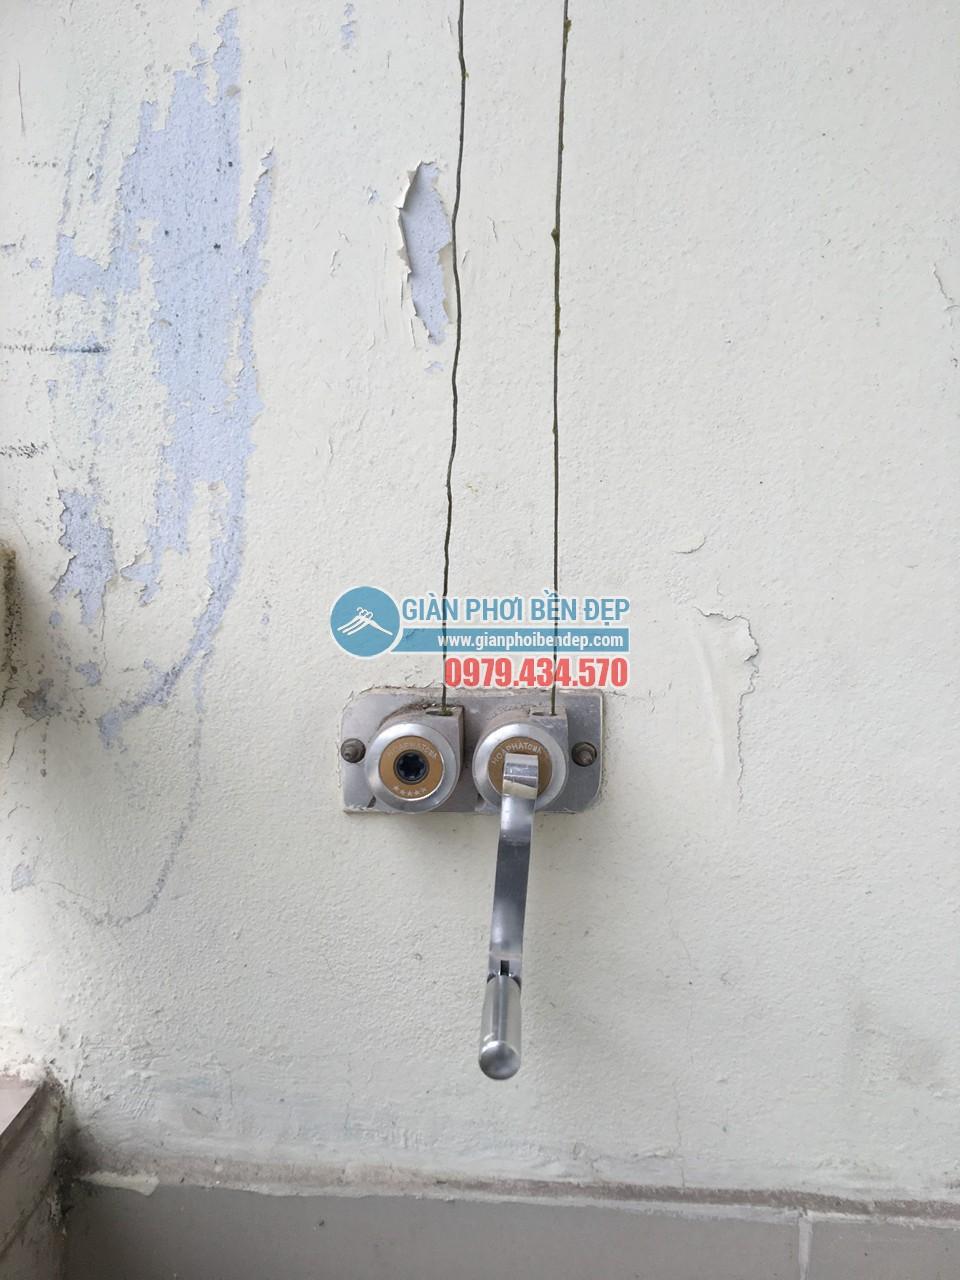 Sửa giàn phơi thông minh nhà cô Tâm bị đứt dây cáp, tòa CT3A Trung Hòa - 01